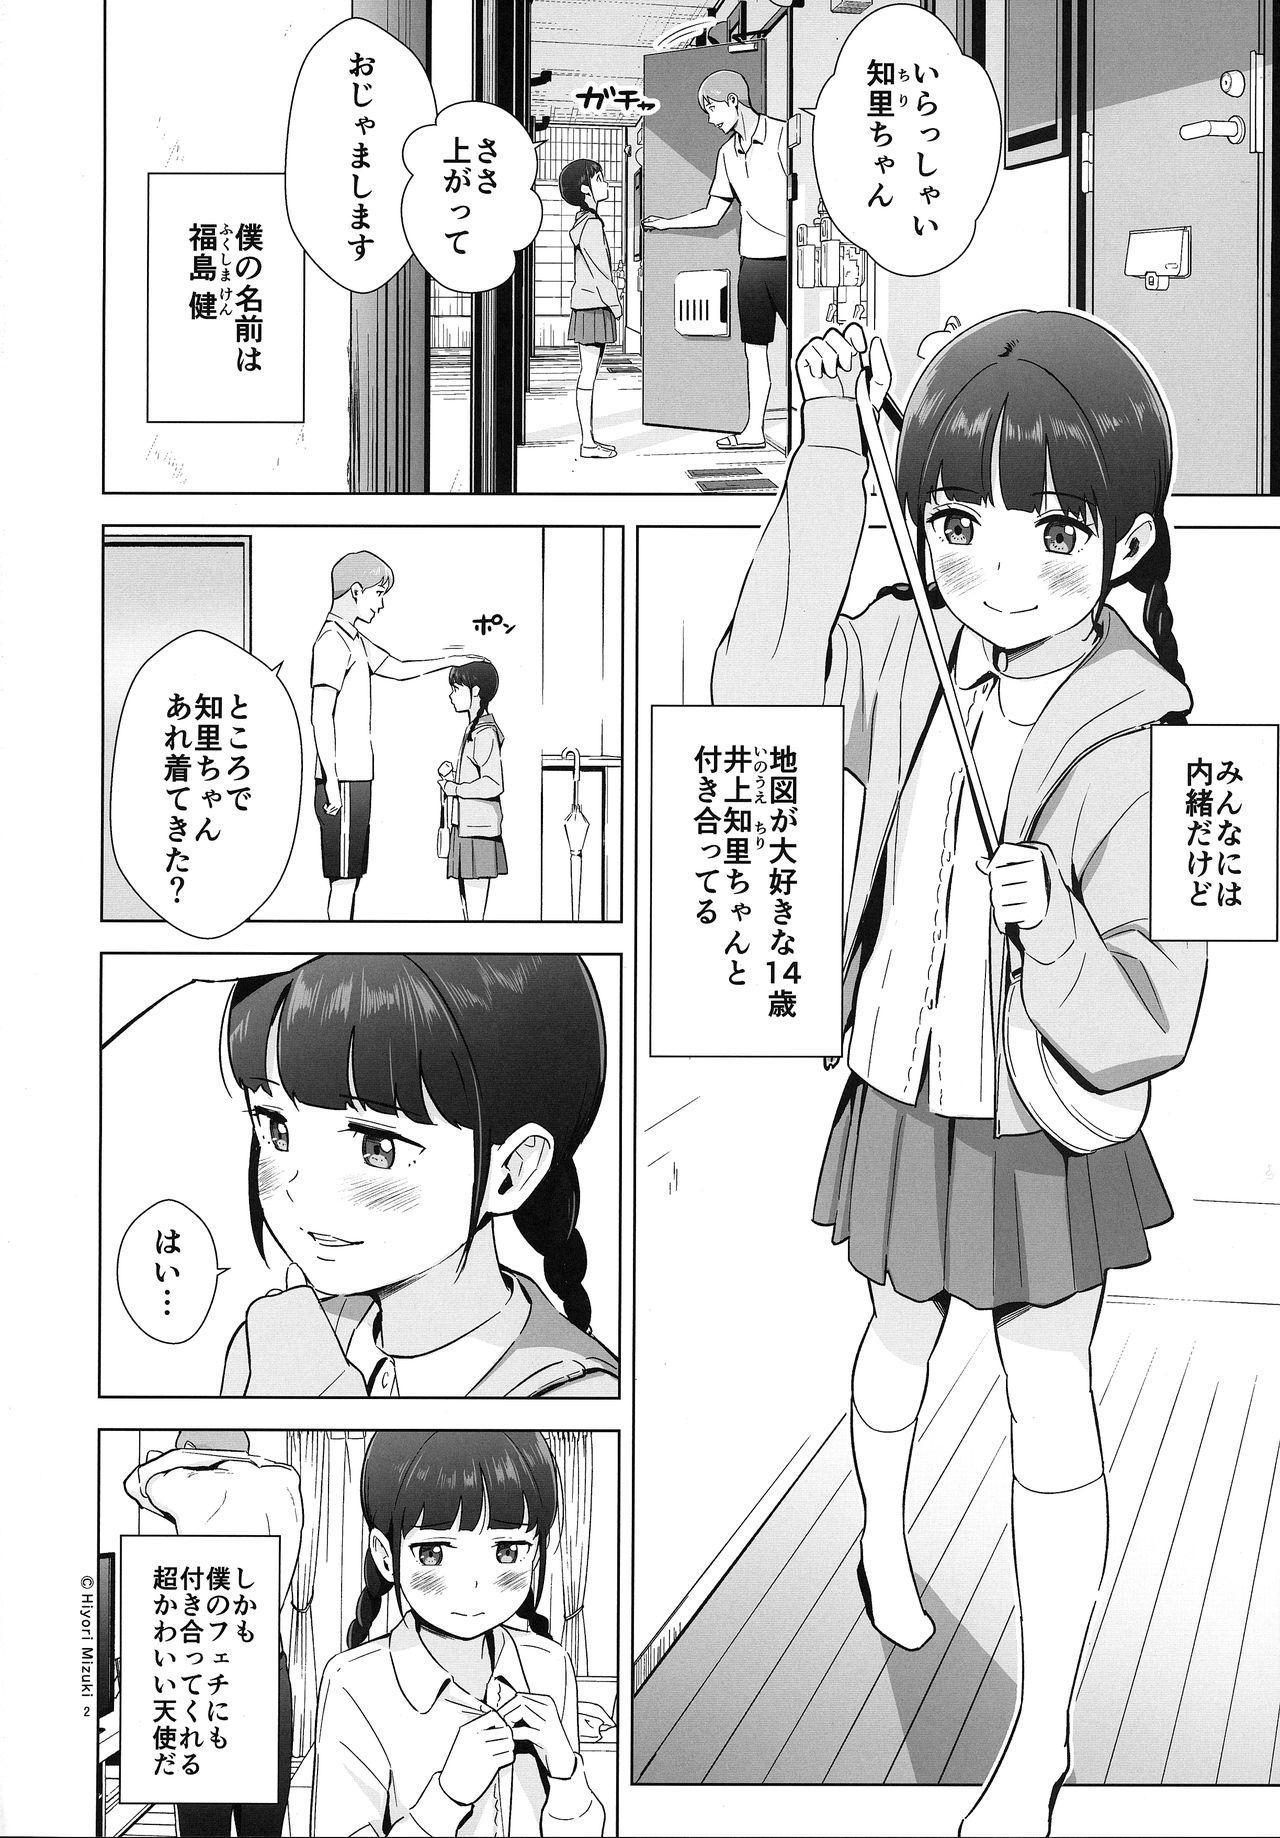 Senobi Shoujo to Icha Love Seikatsu Inoue Chiri 14-sai 2